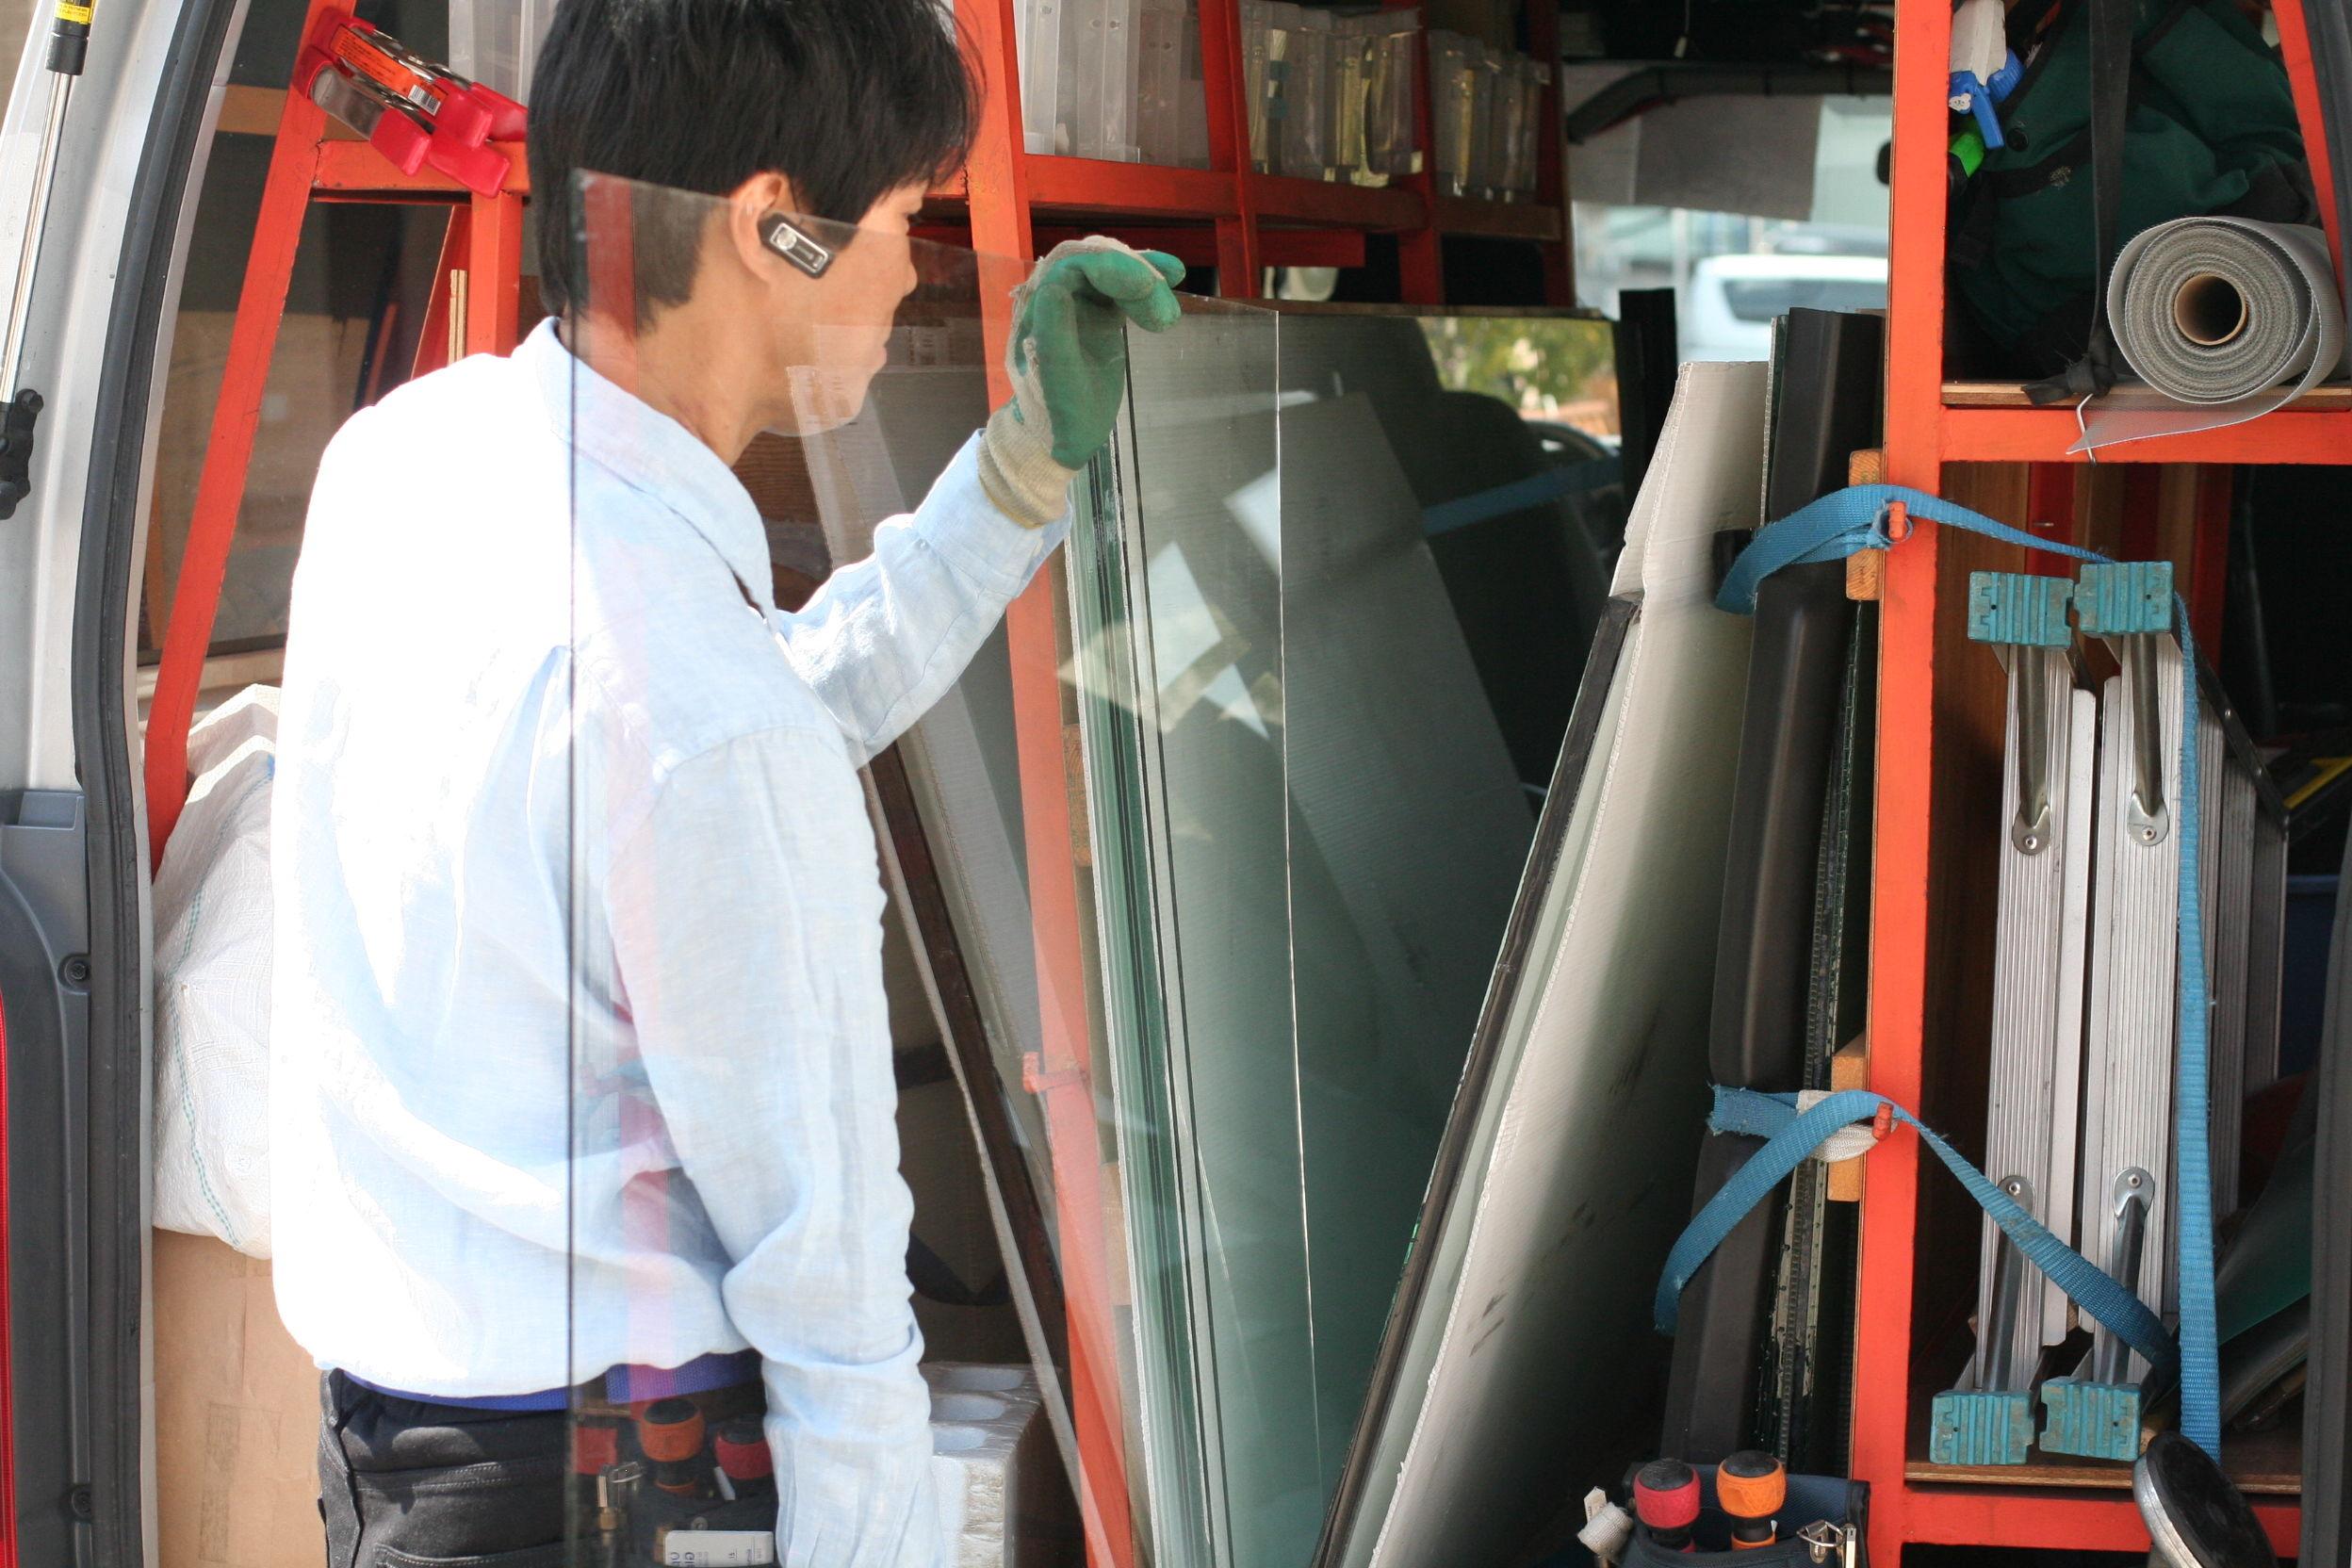 ガラスのトラブル救Q隊.24【江東区 出張エリア】の店内・外観画像2